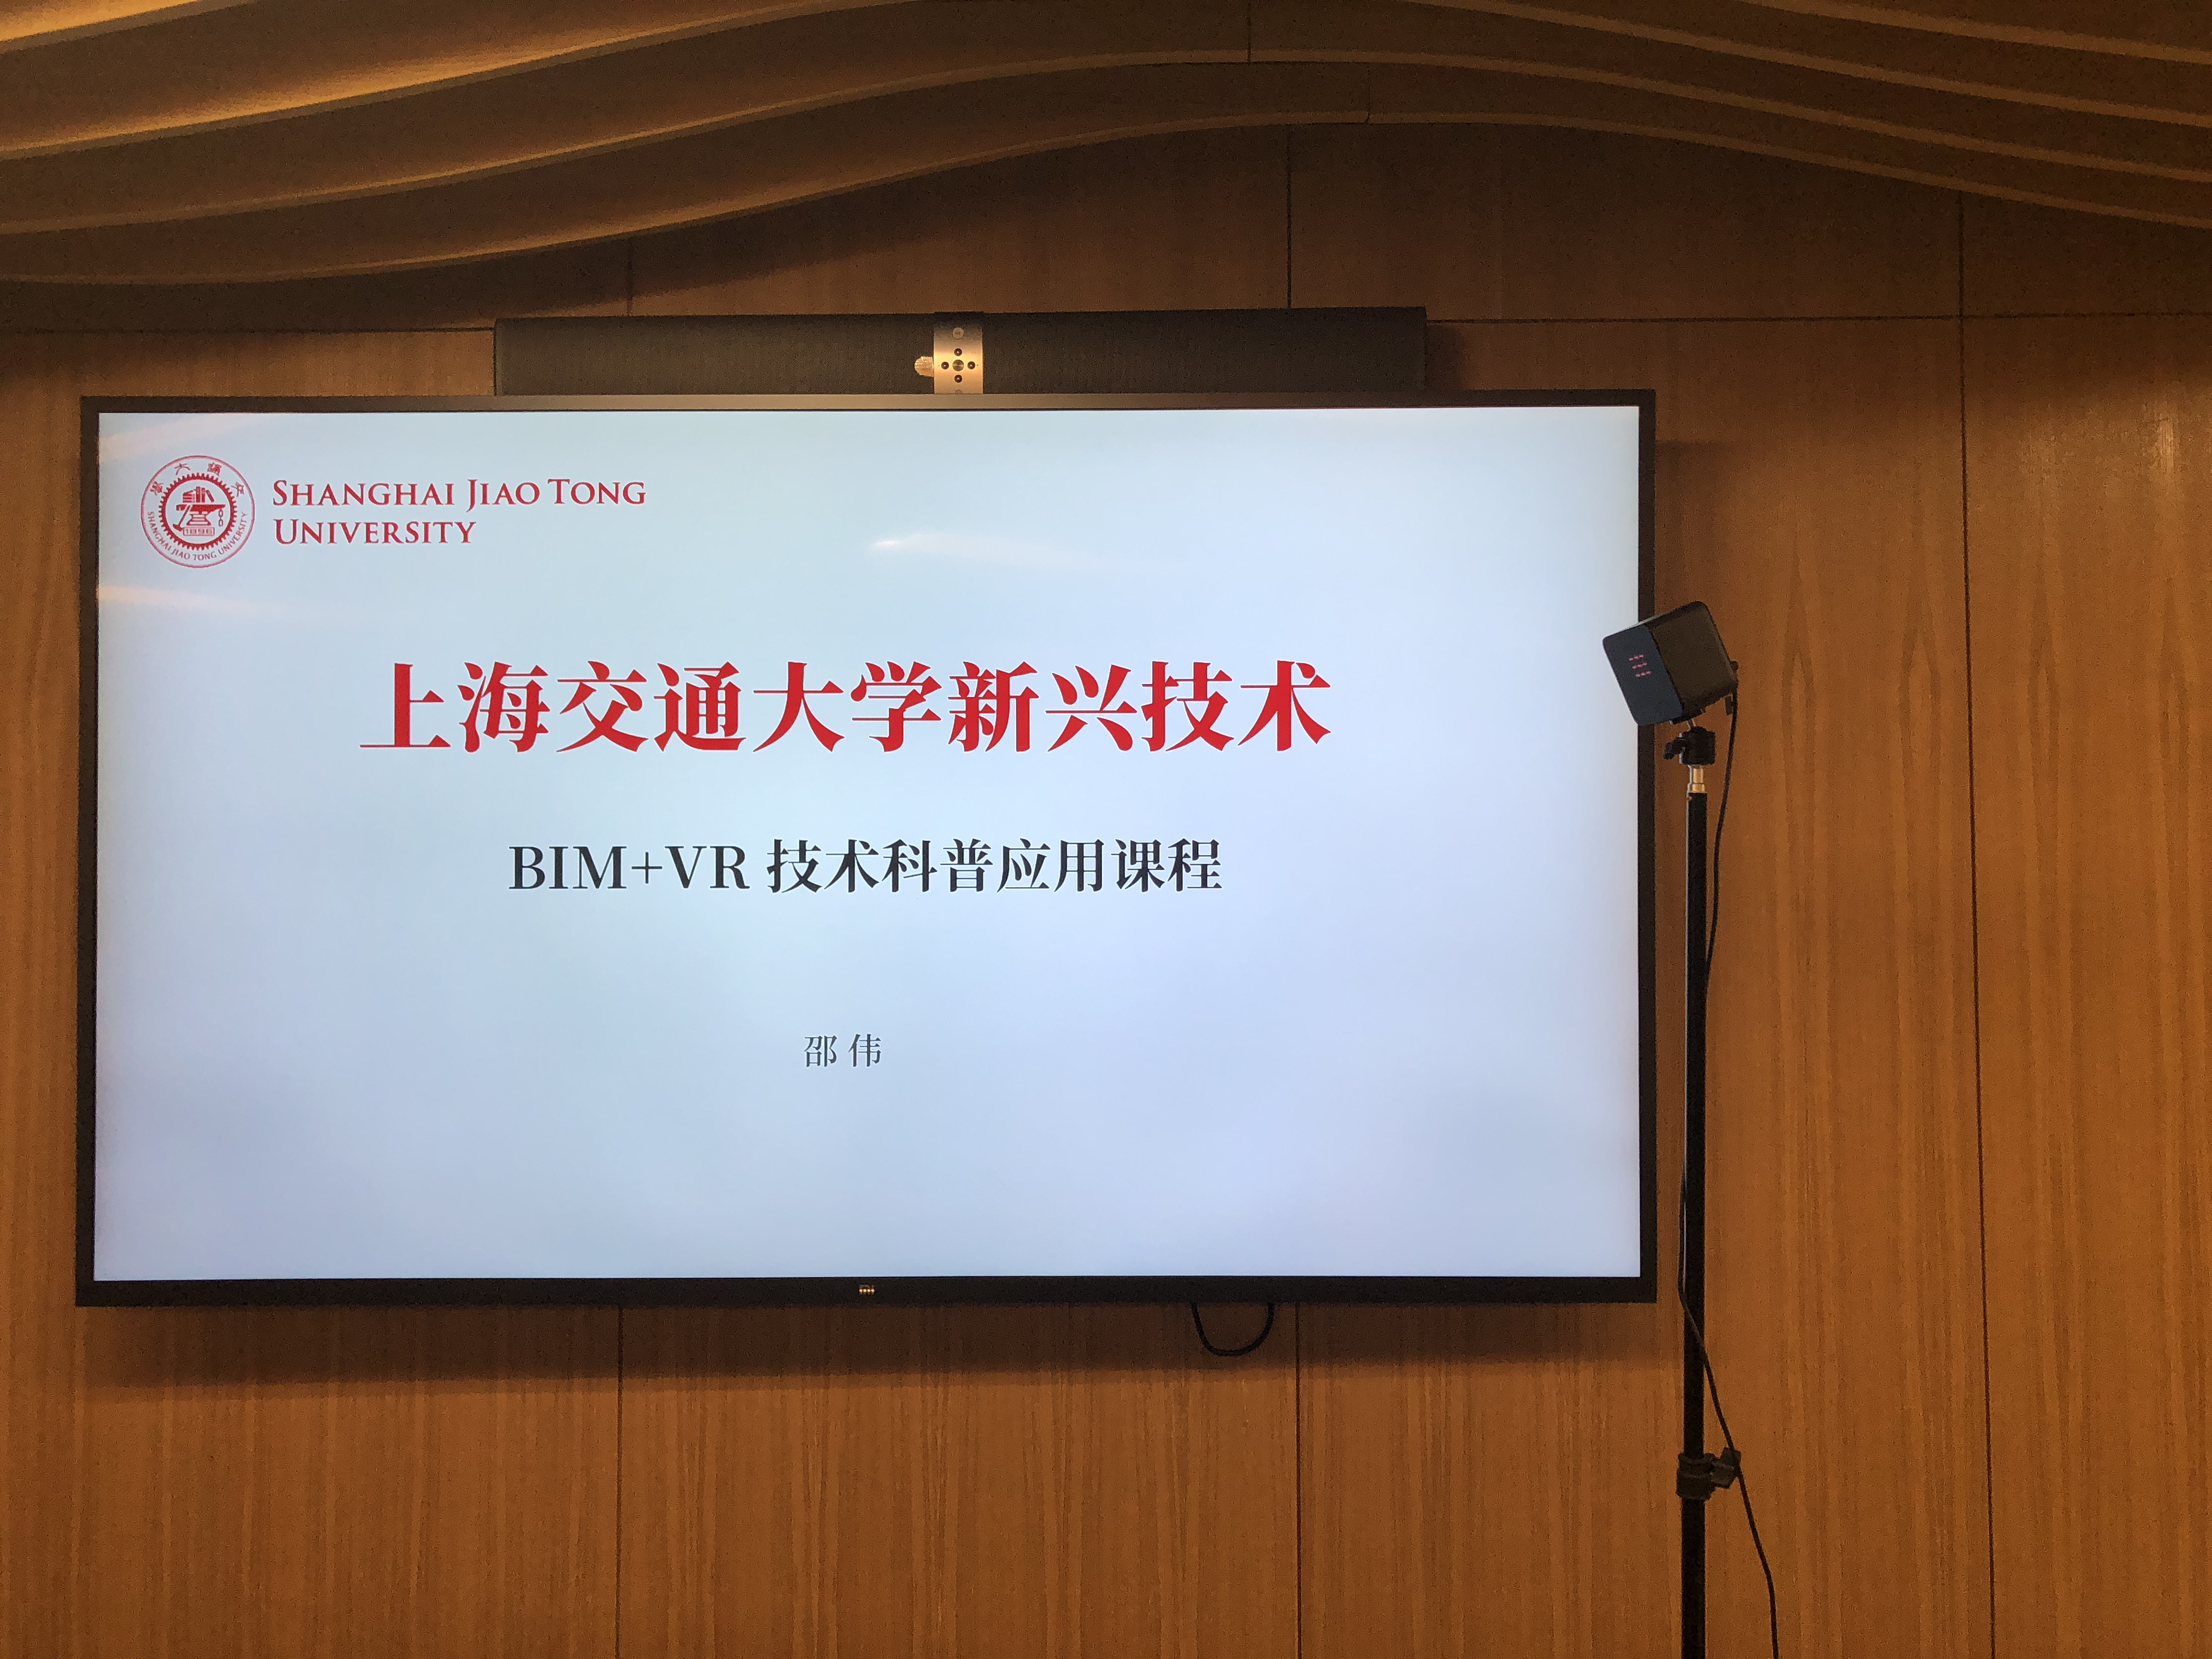 线下分享:上海交通大学BIM+VR科普应用课程